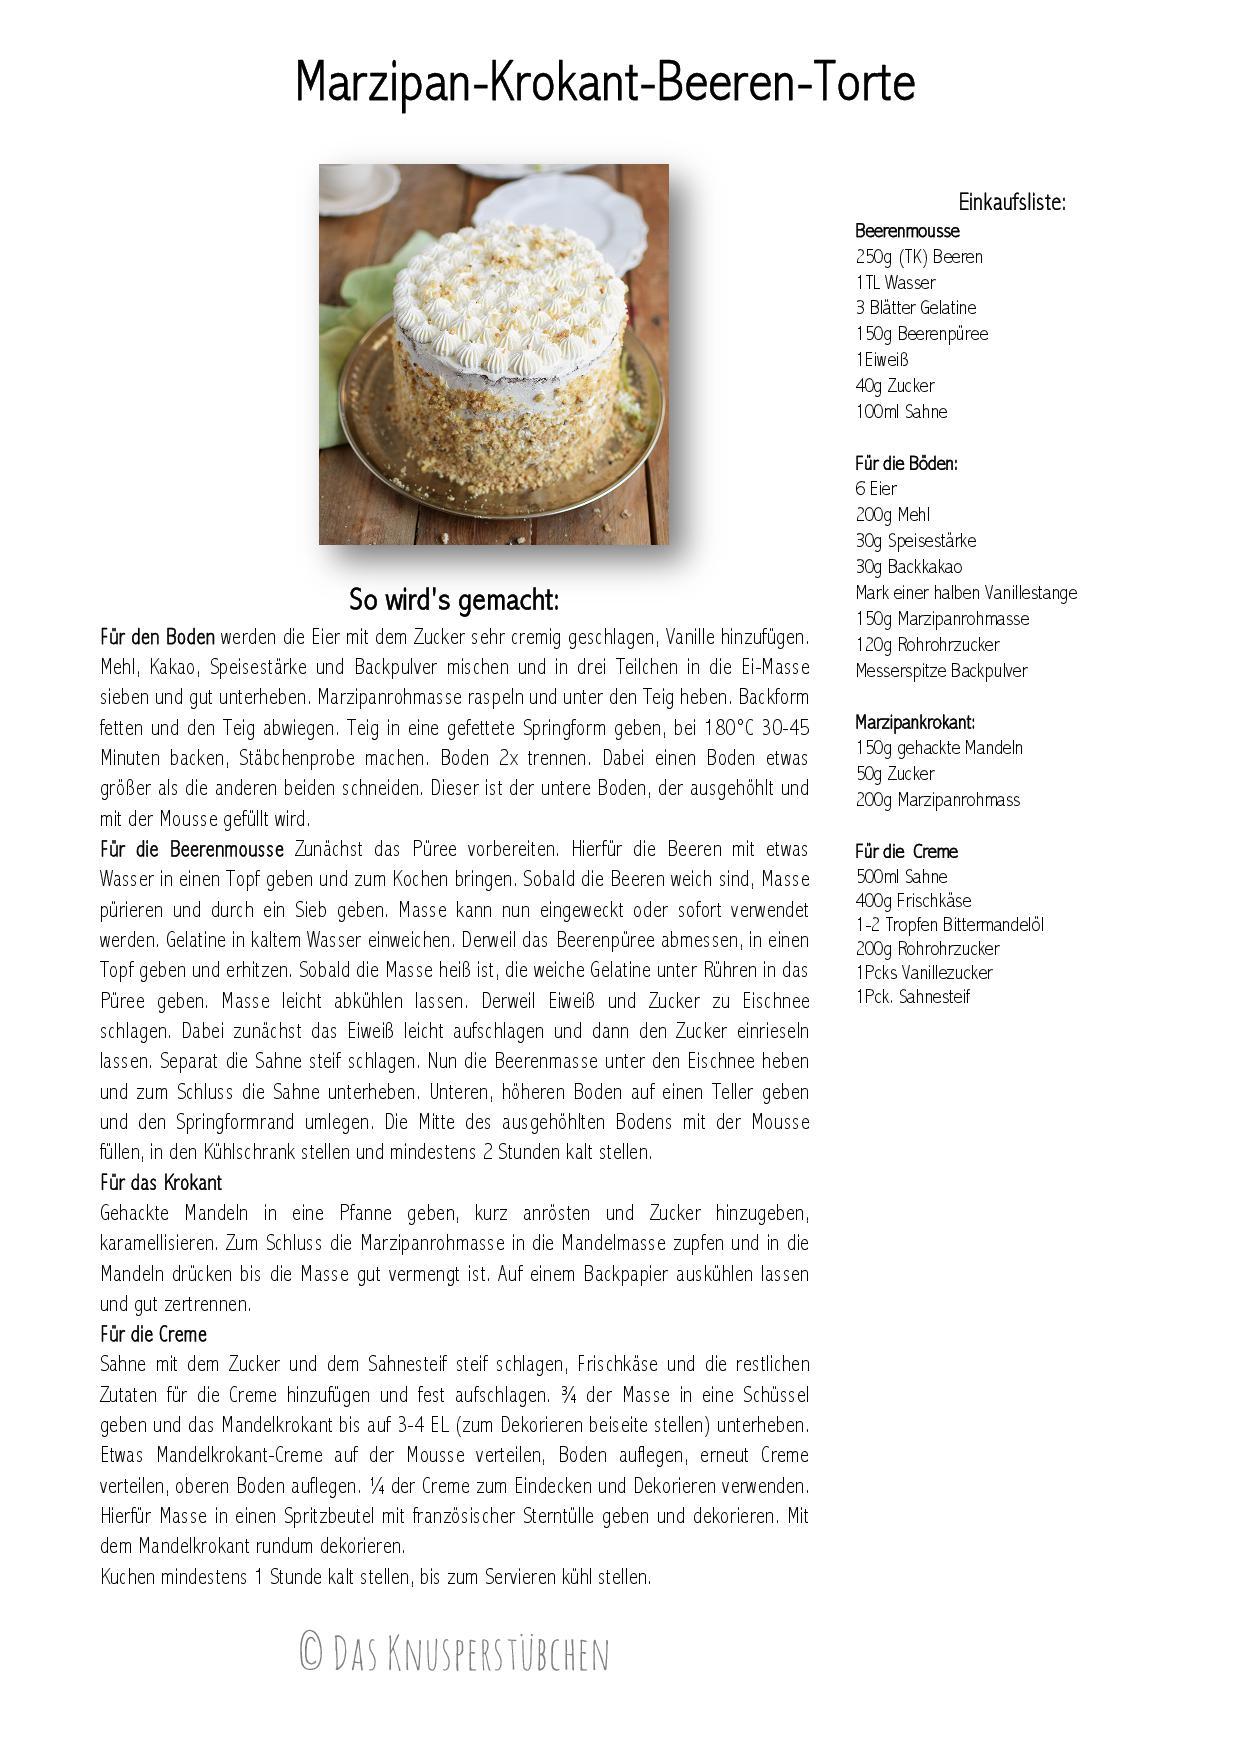 Marzipan-Krokant-Beeren-Torte-001